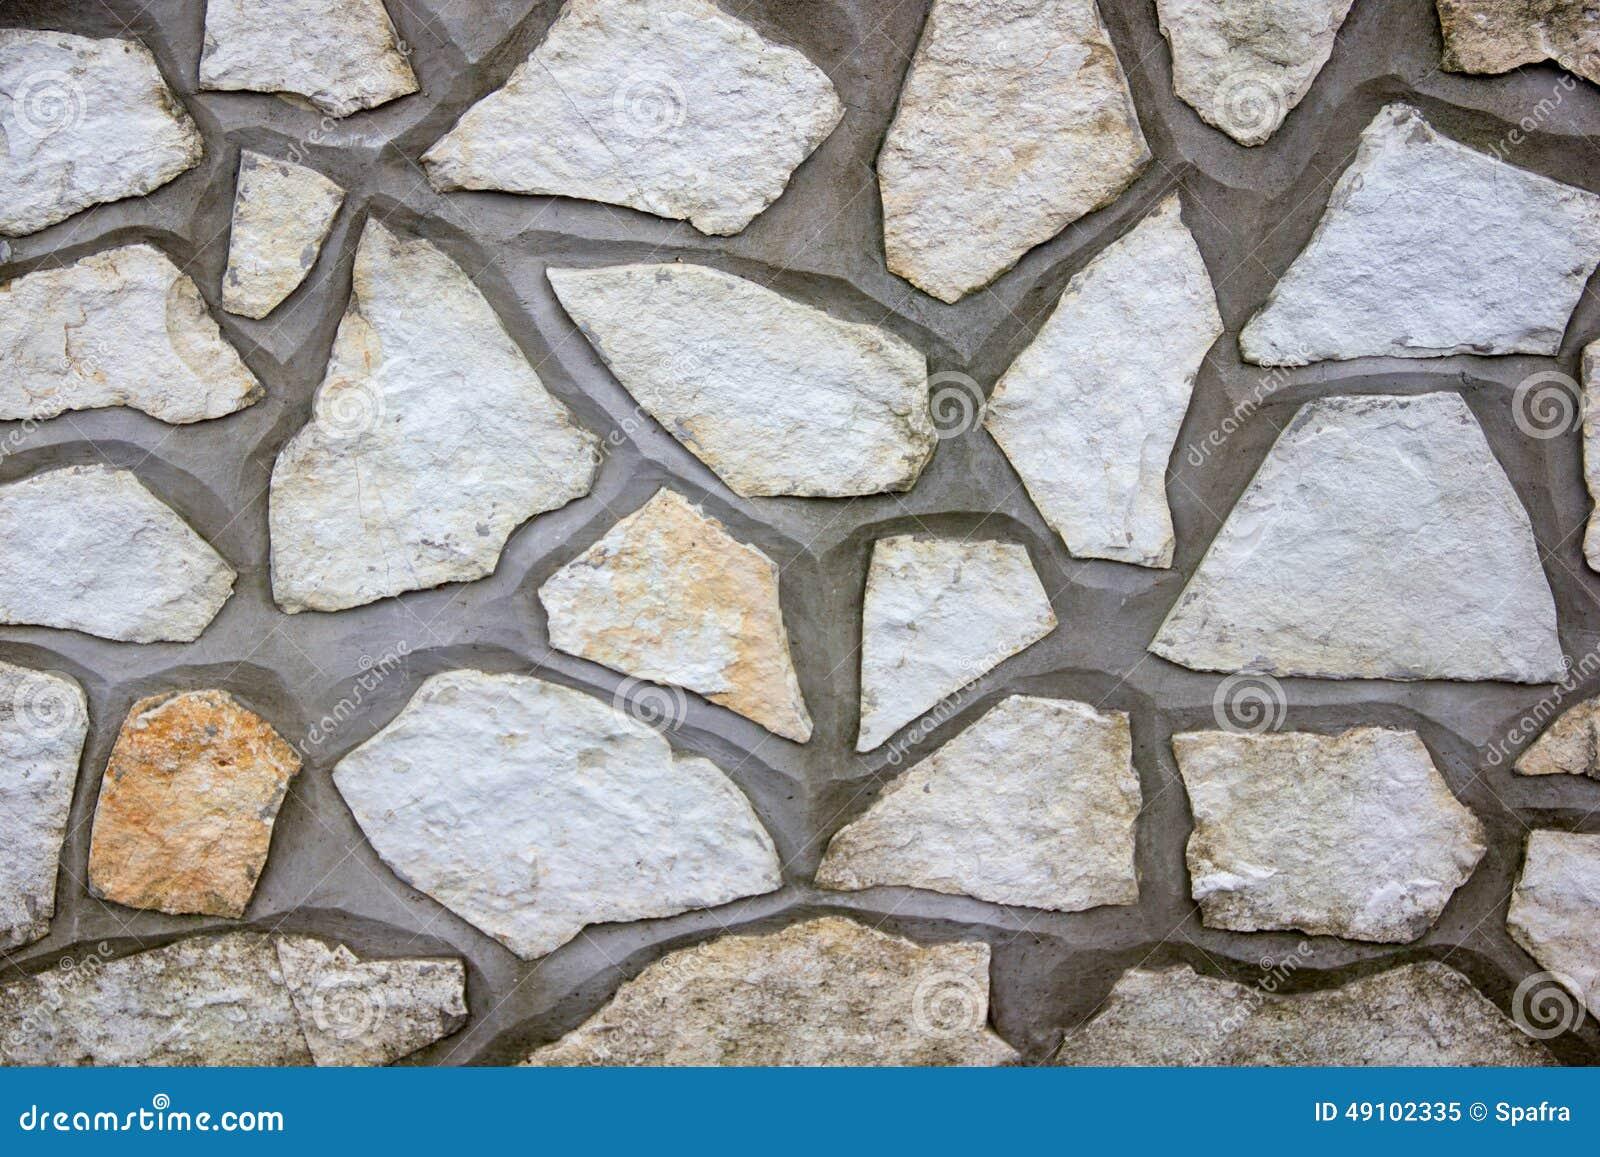 muro de cemento y piedra - Muro De Piedra